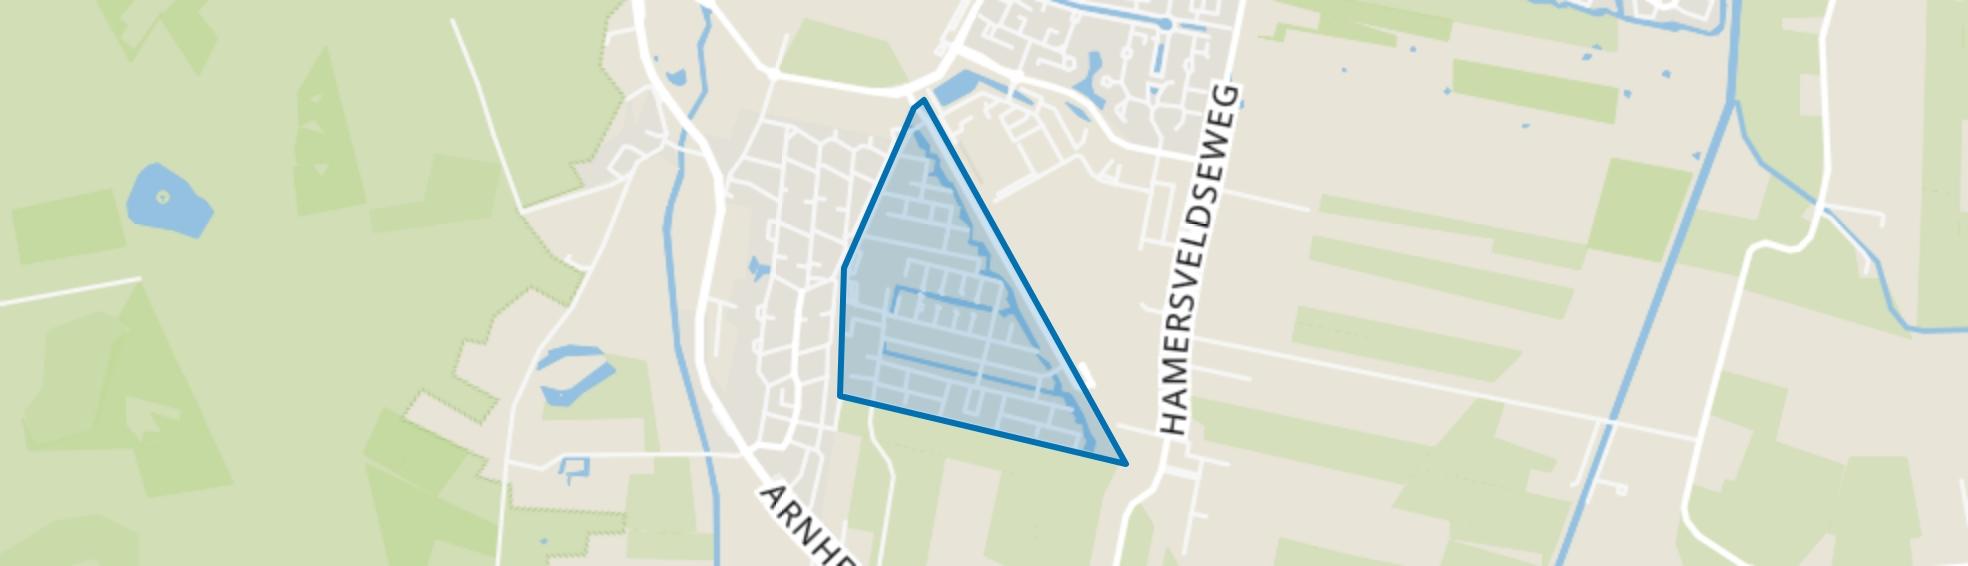 Tabaksteeg, Leusden map